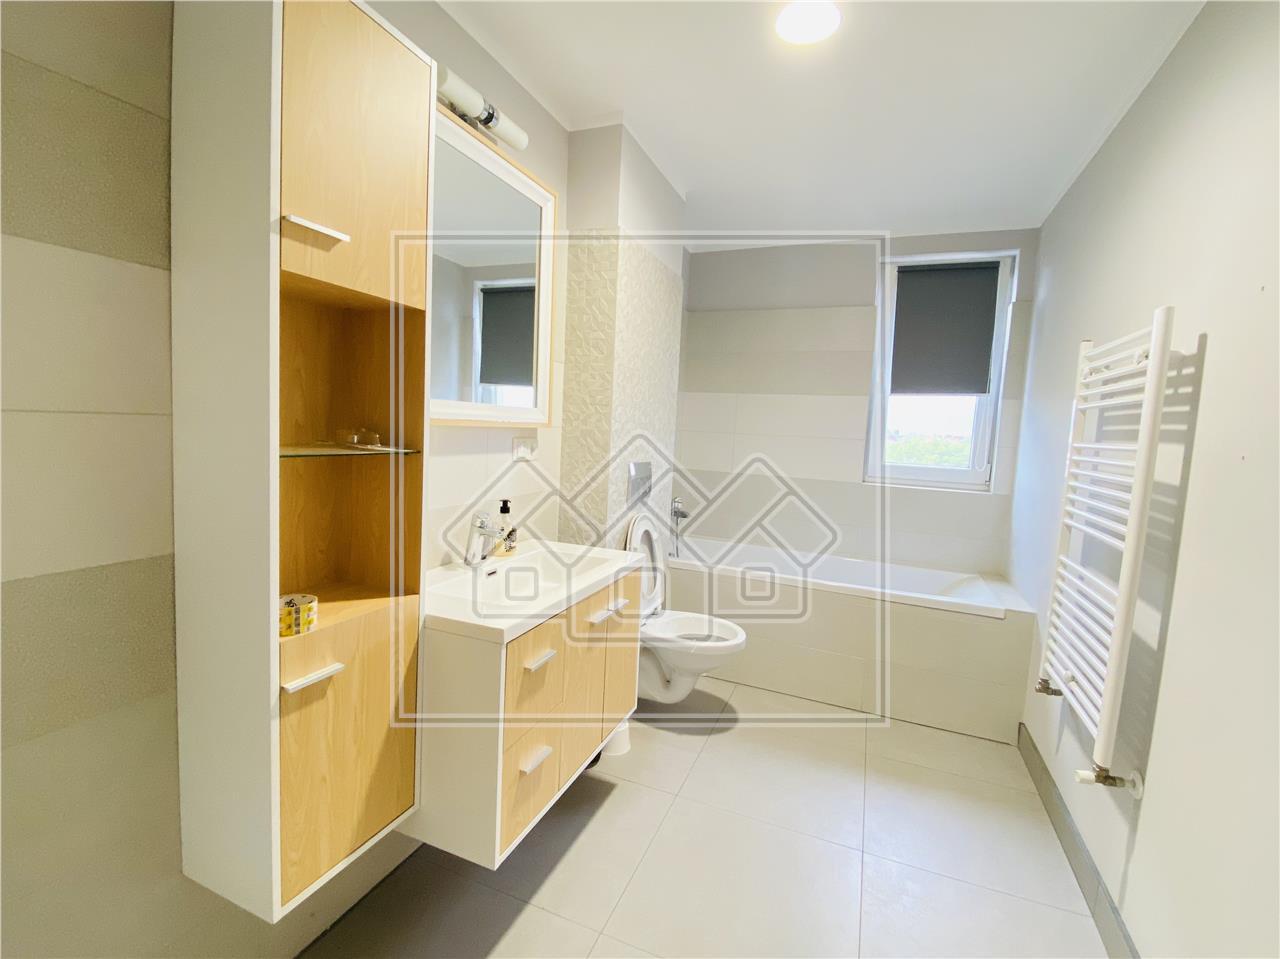 Penthouse confort lux - 4 camere - terasa de 32 mp